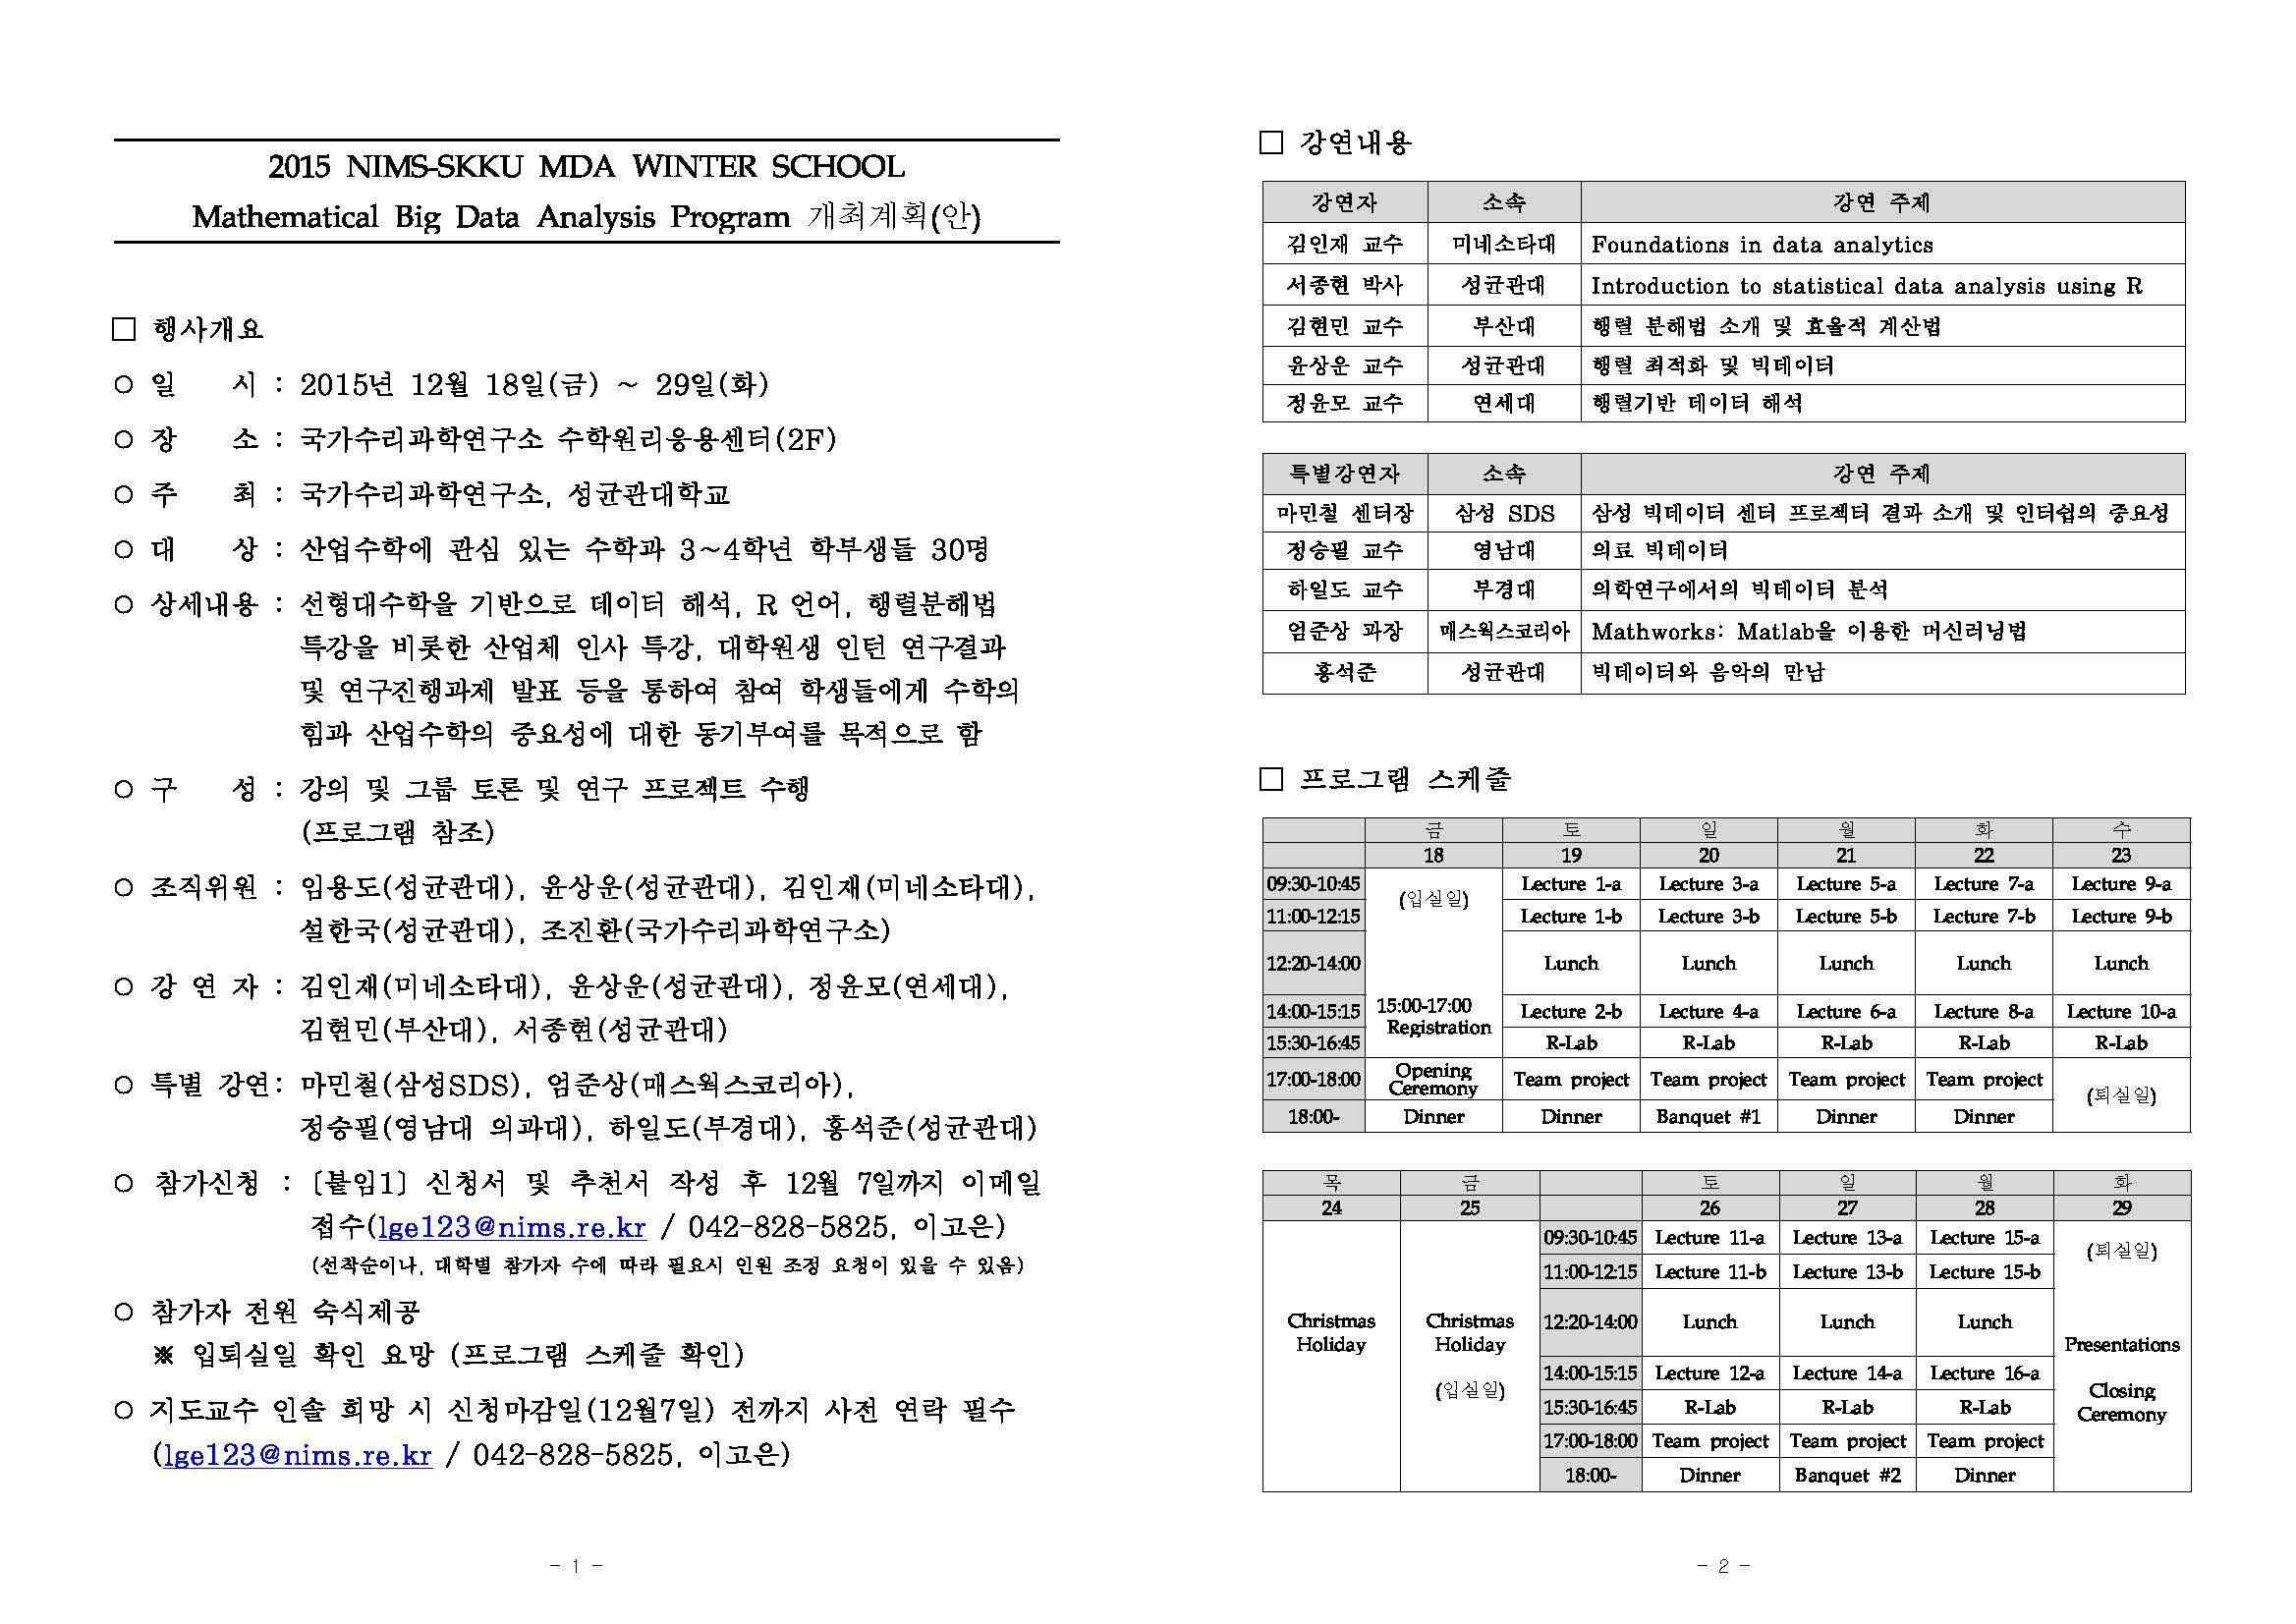 [첨부1] 2015 NIMS-SKKU MDA WINTER SCHOOL 개최 계획안_페이지_1.jpg